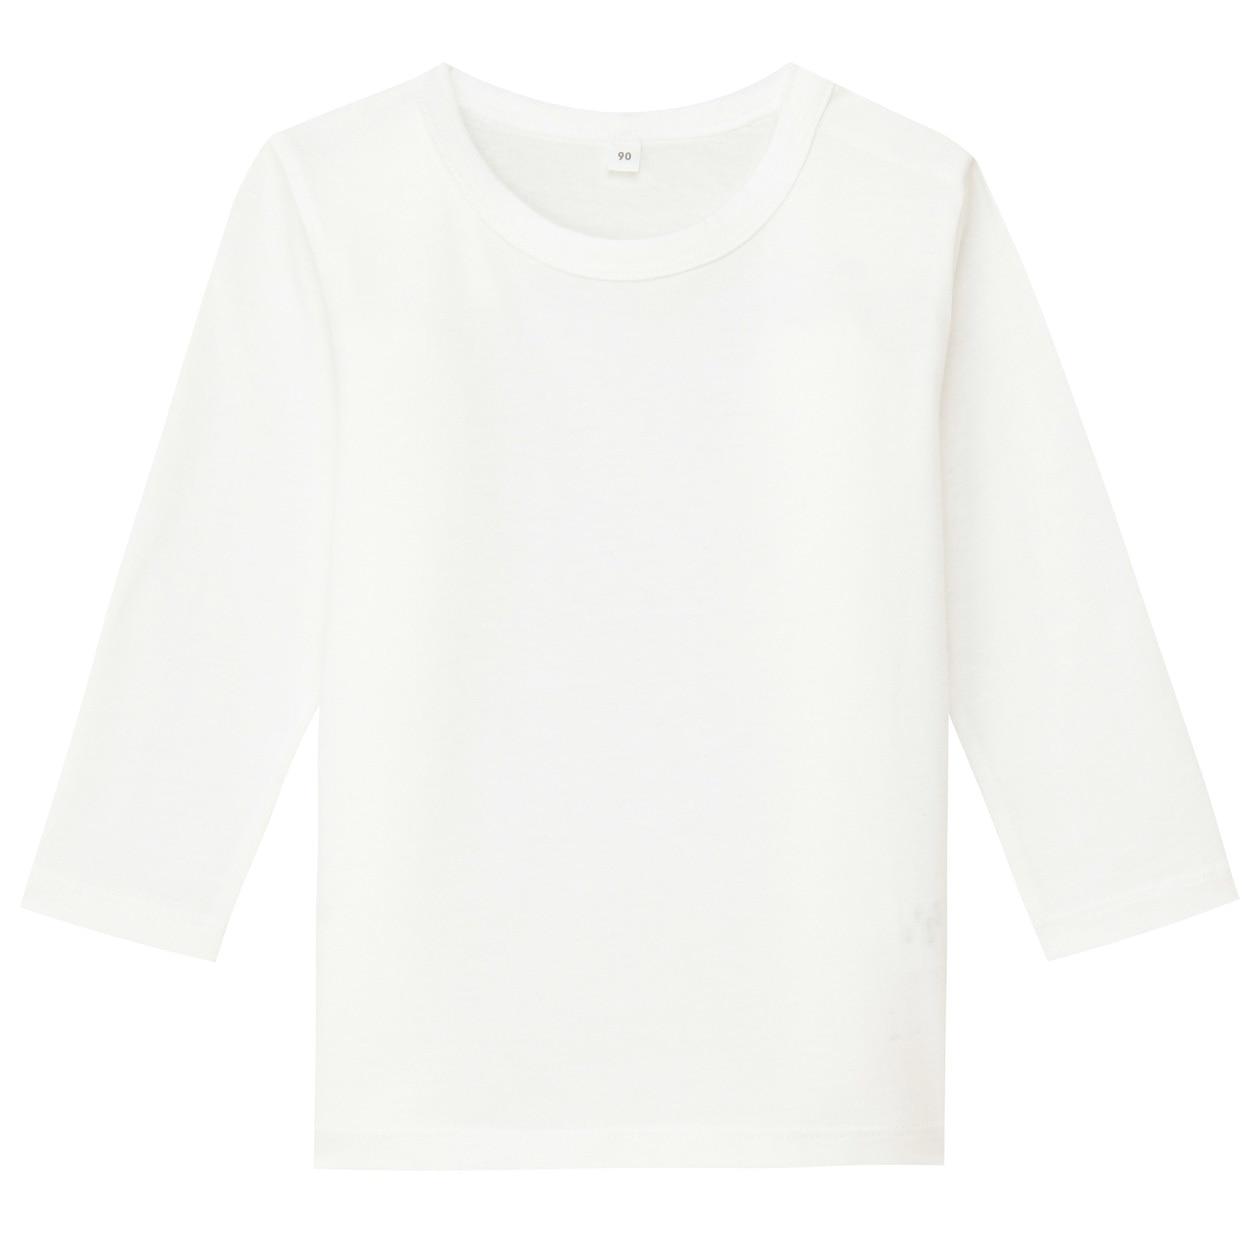 毎日のこども服オーガニックコットン長袖Tシャツ(ベビー) ベビー100・オフ白